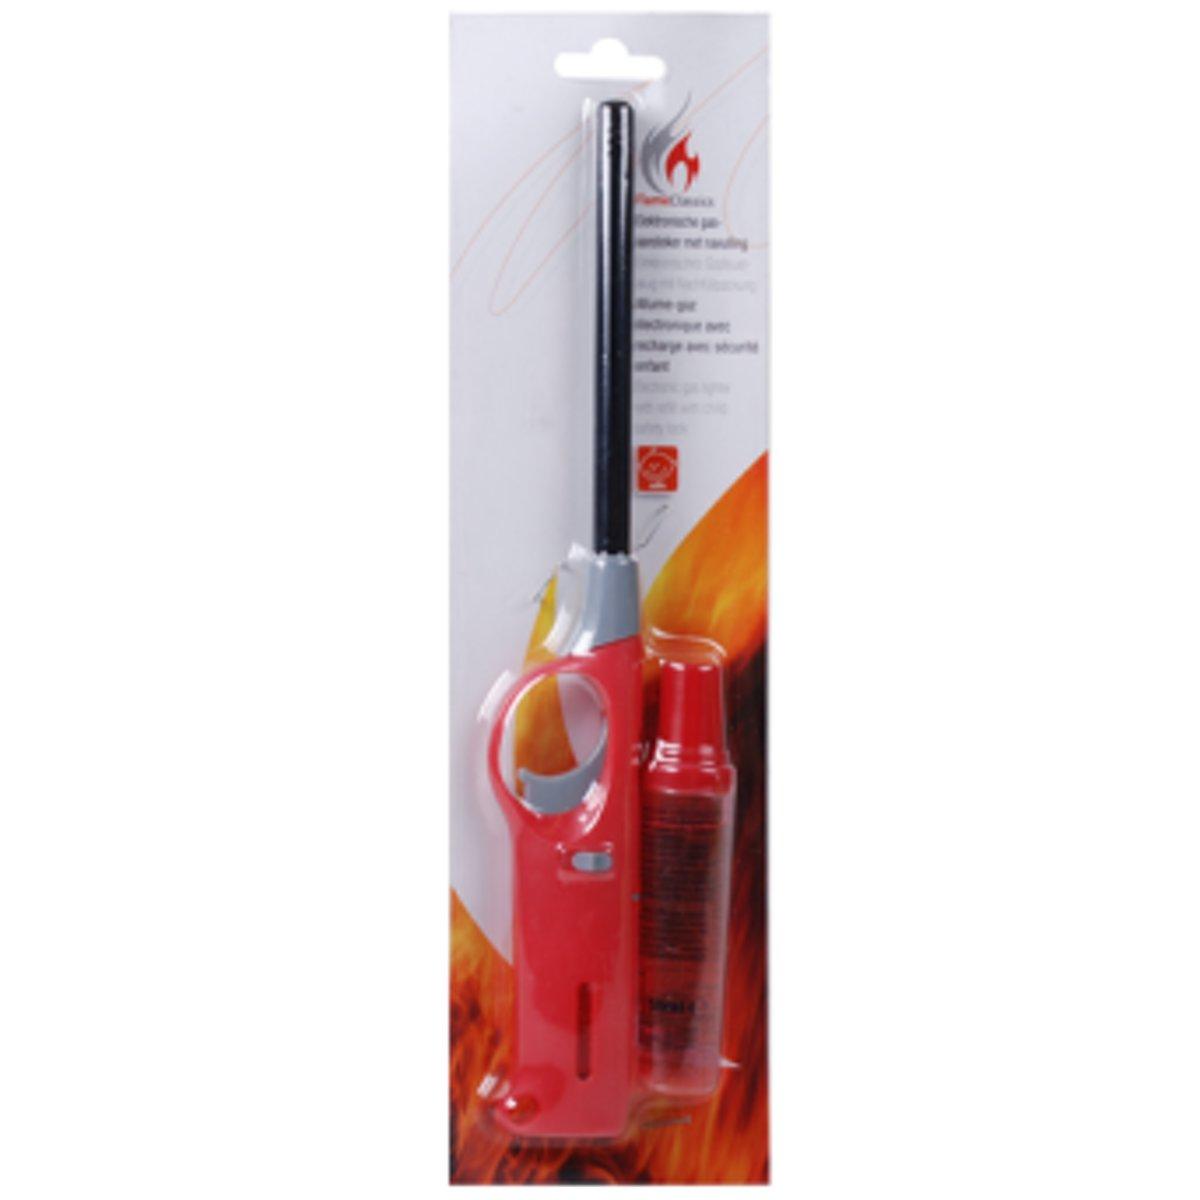 Flame Classics Gasaansteker met navulling - Hervulbare/Navulbare Aansteker - Kinderbescherming - Vlamaanpassing - Branstofindicator - Rood kopen